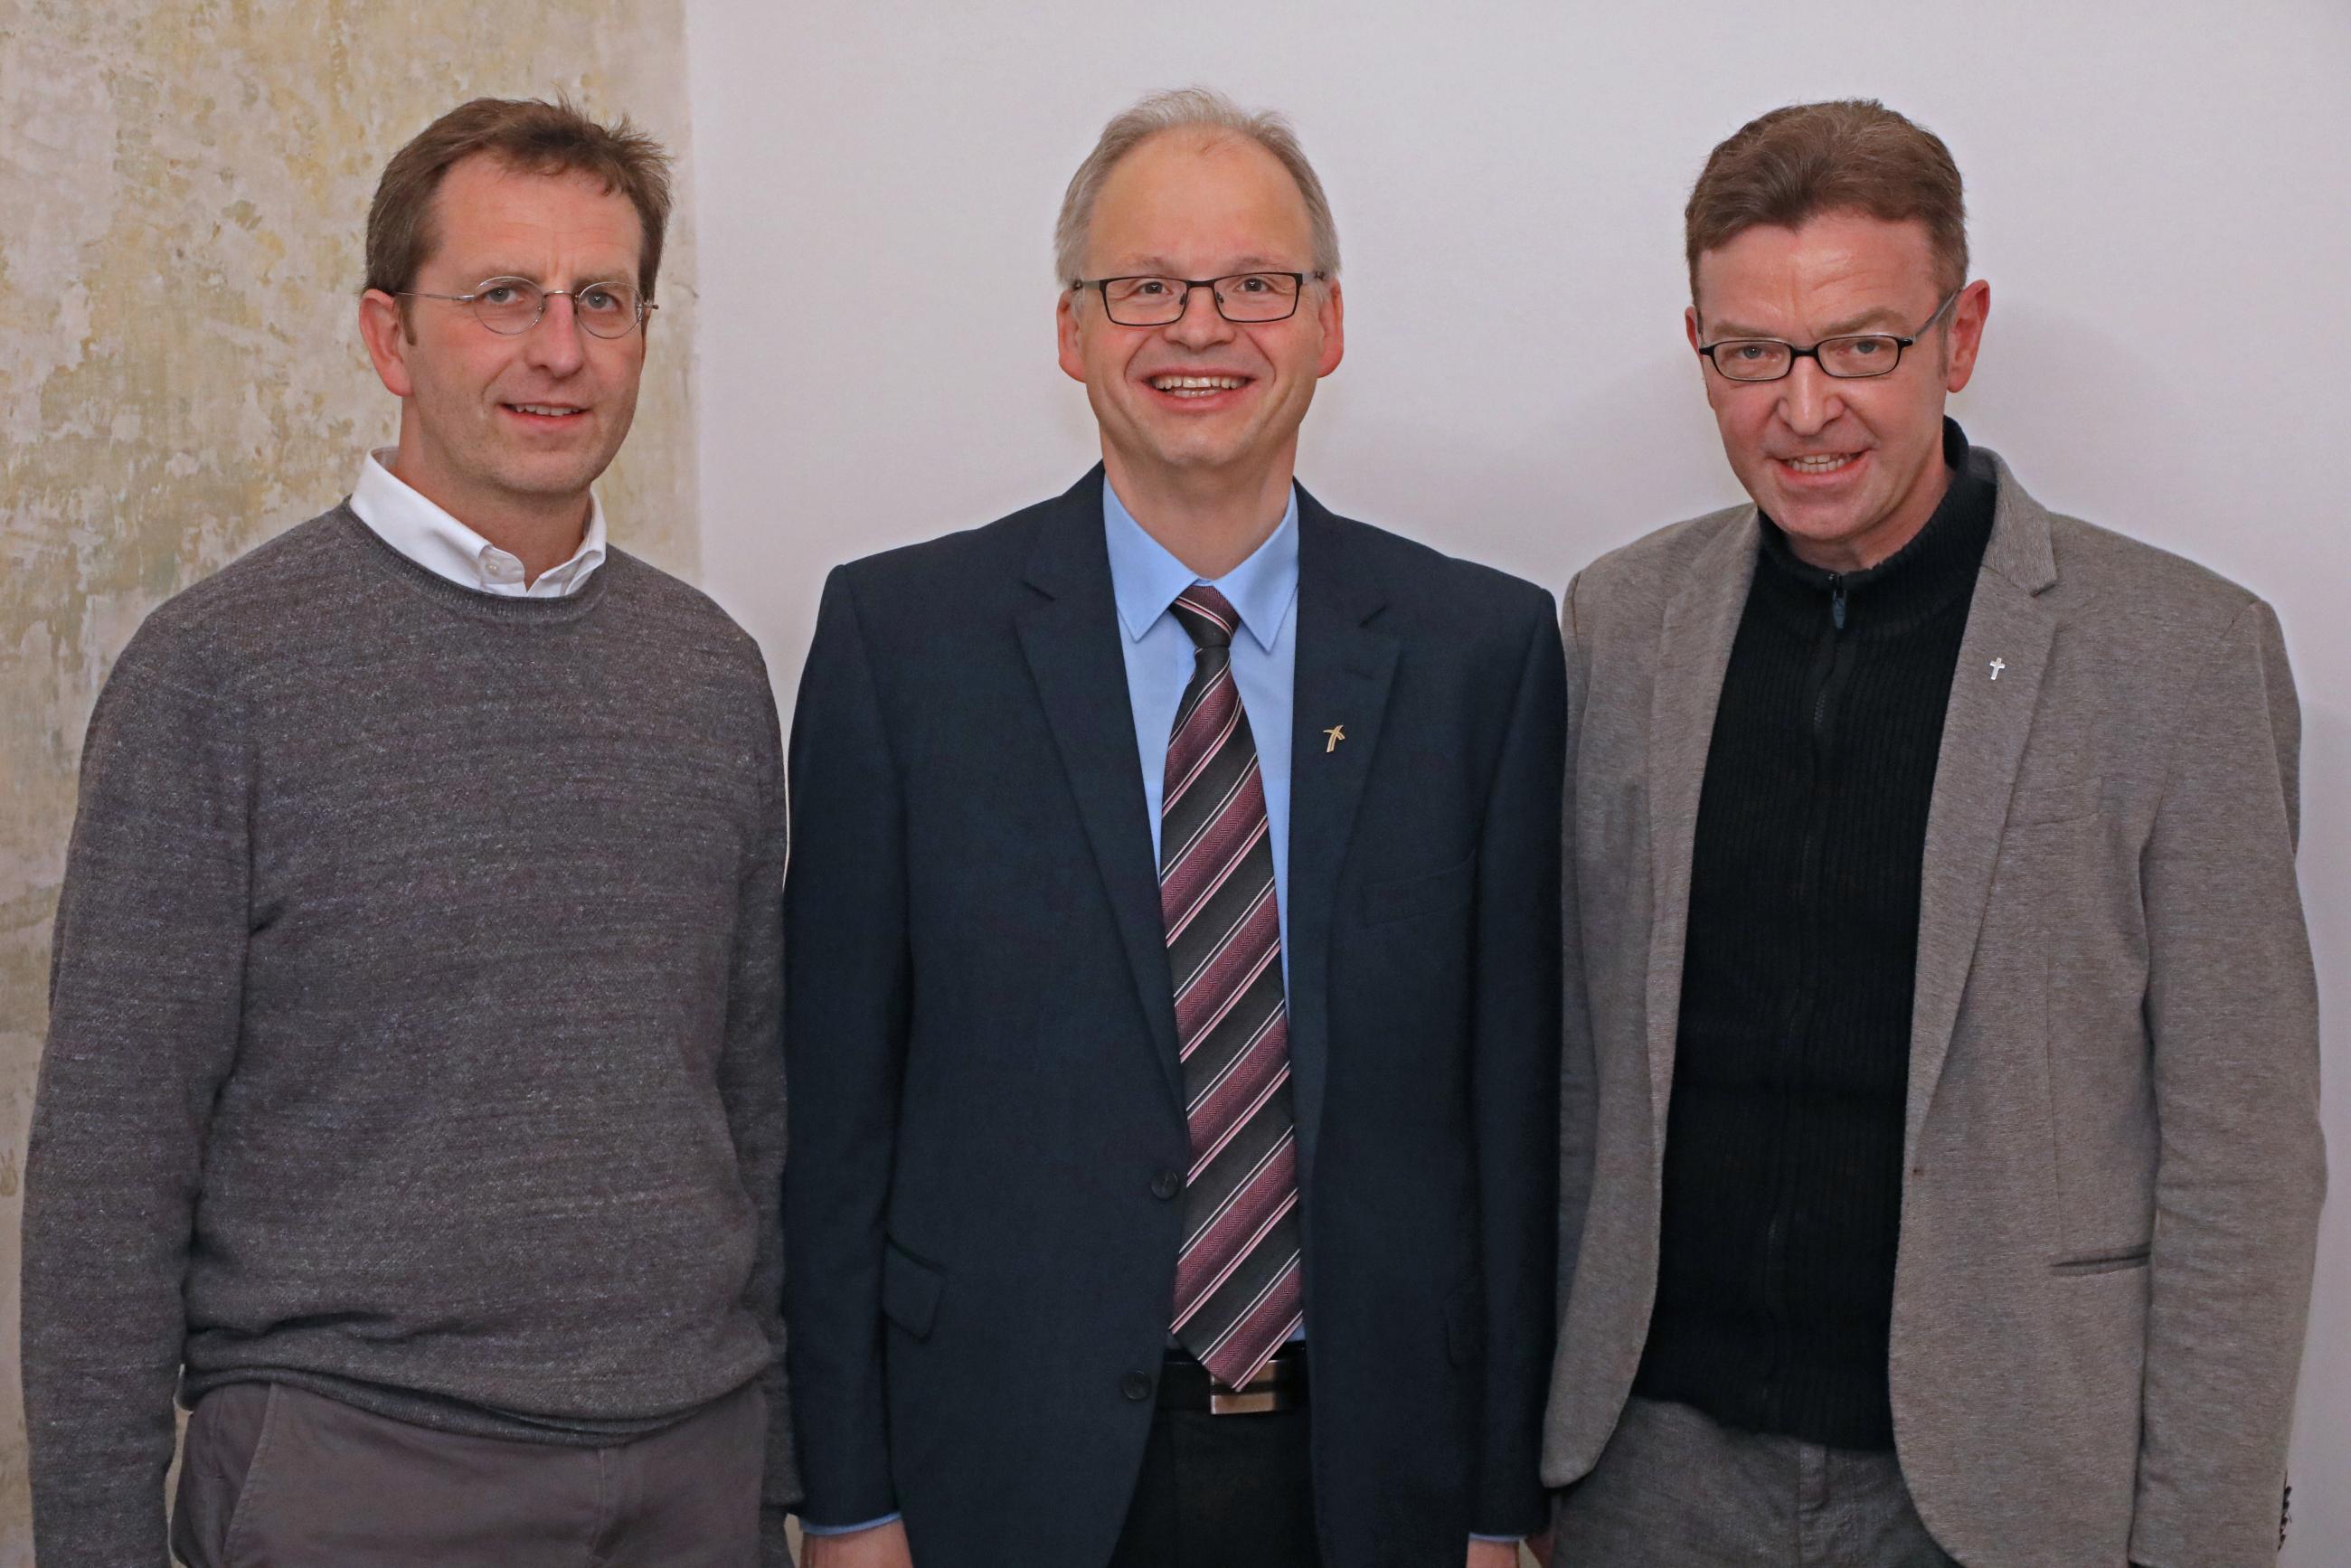 Bischöfliche-Kommission-neue-Mitglieder_Dreiergruppe1